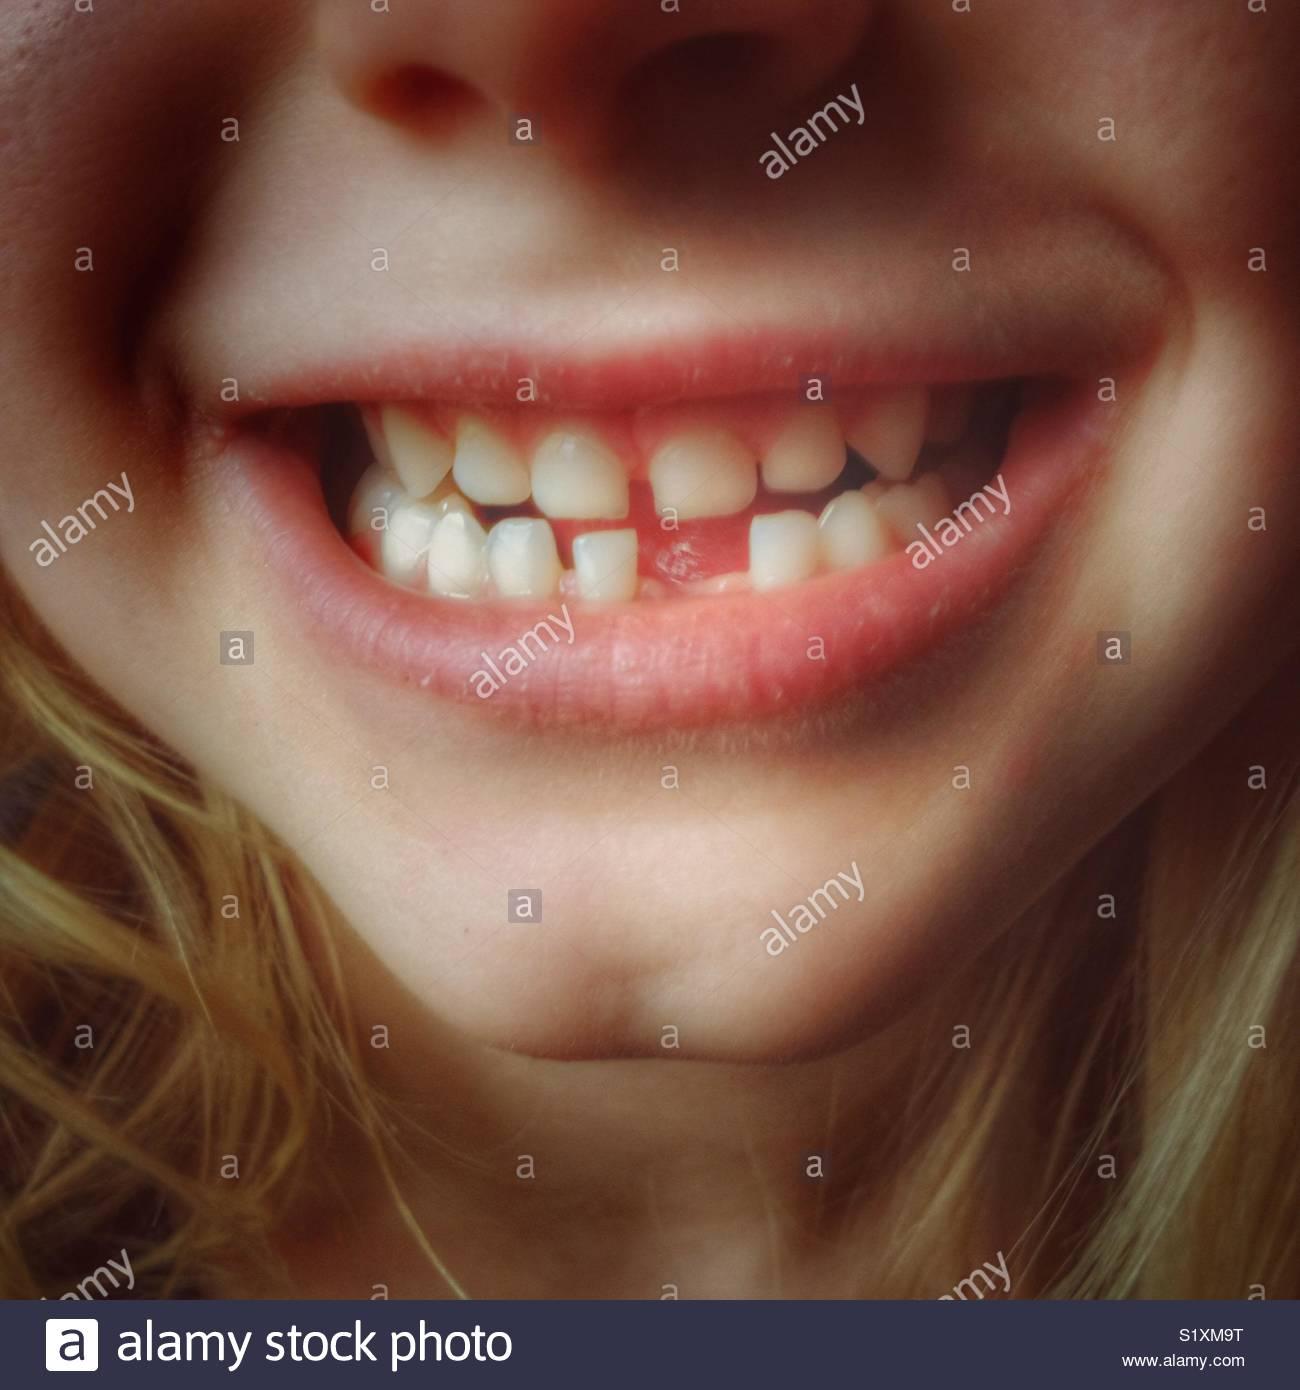 Niño con falta de diente frontal closeup Foto de stock